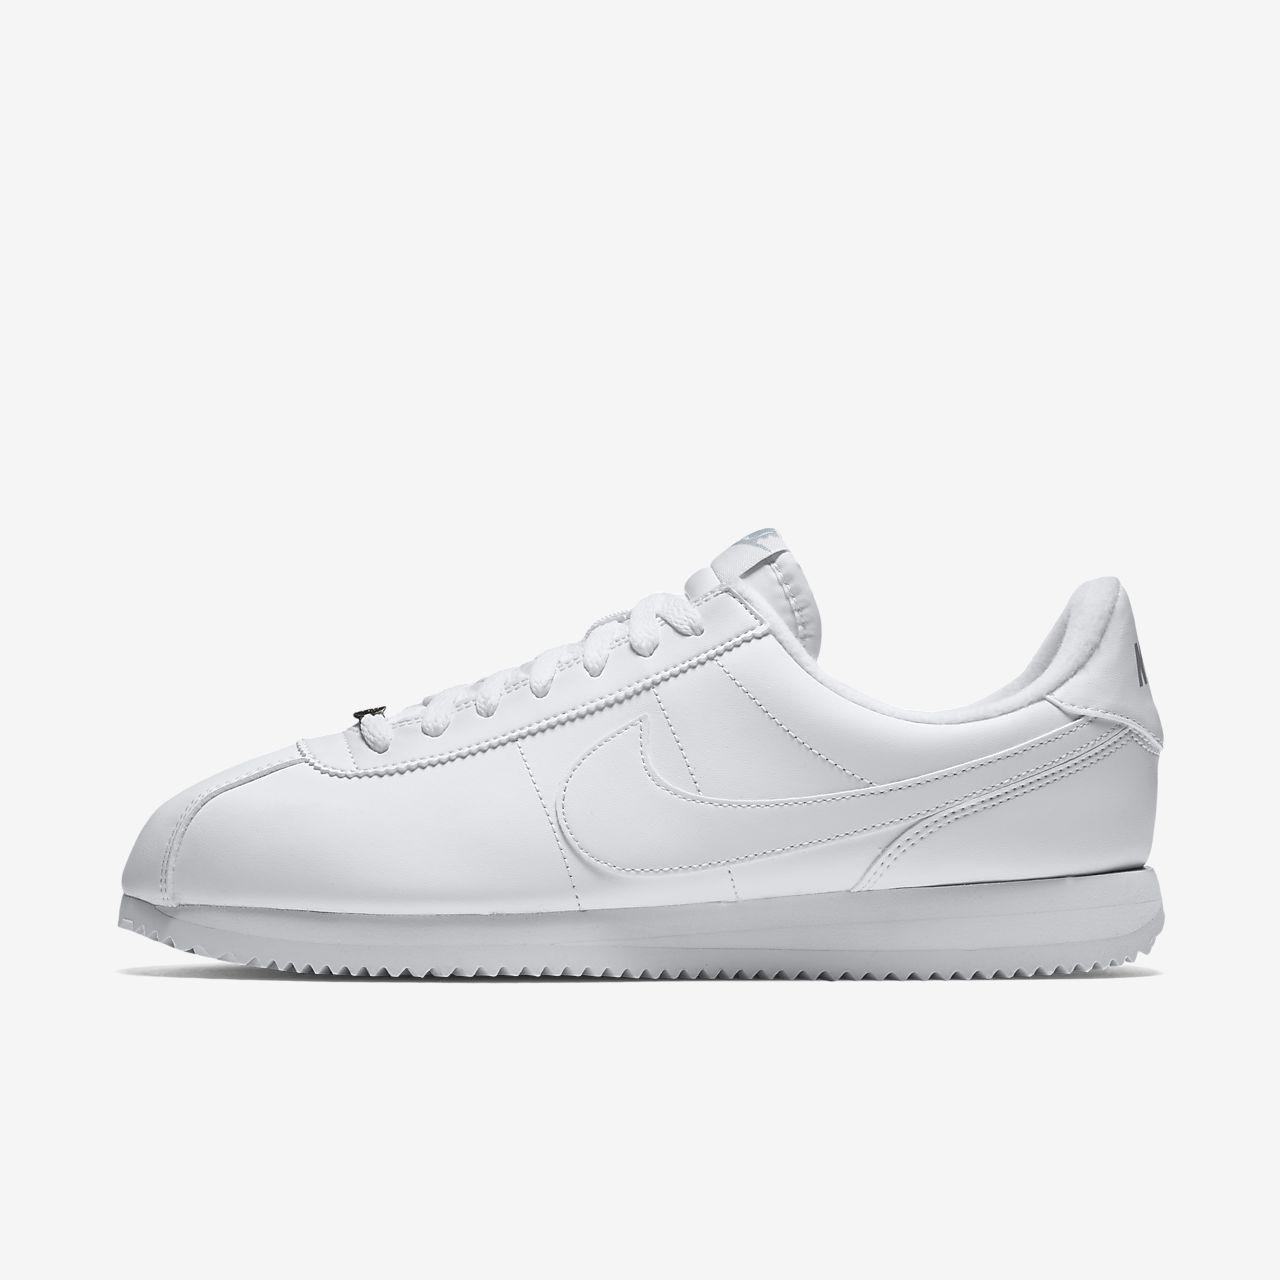 รองเท้าผู้ชาย Nike Cortez Basic